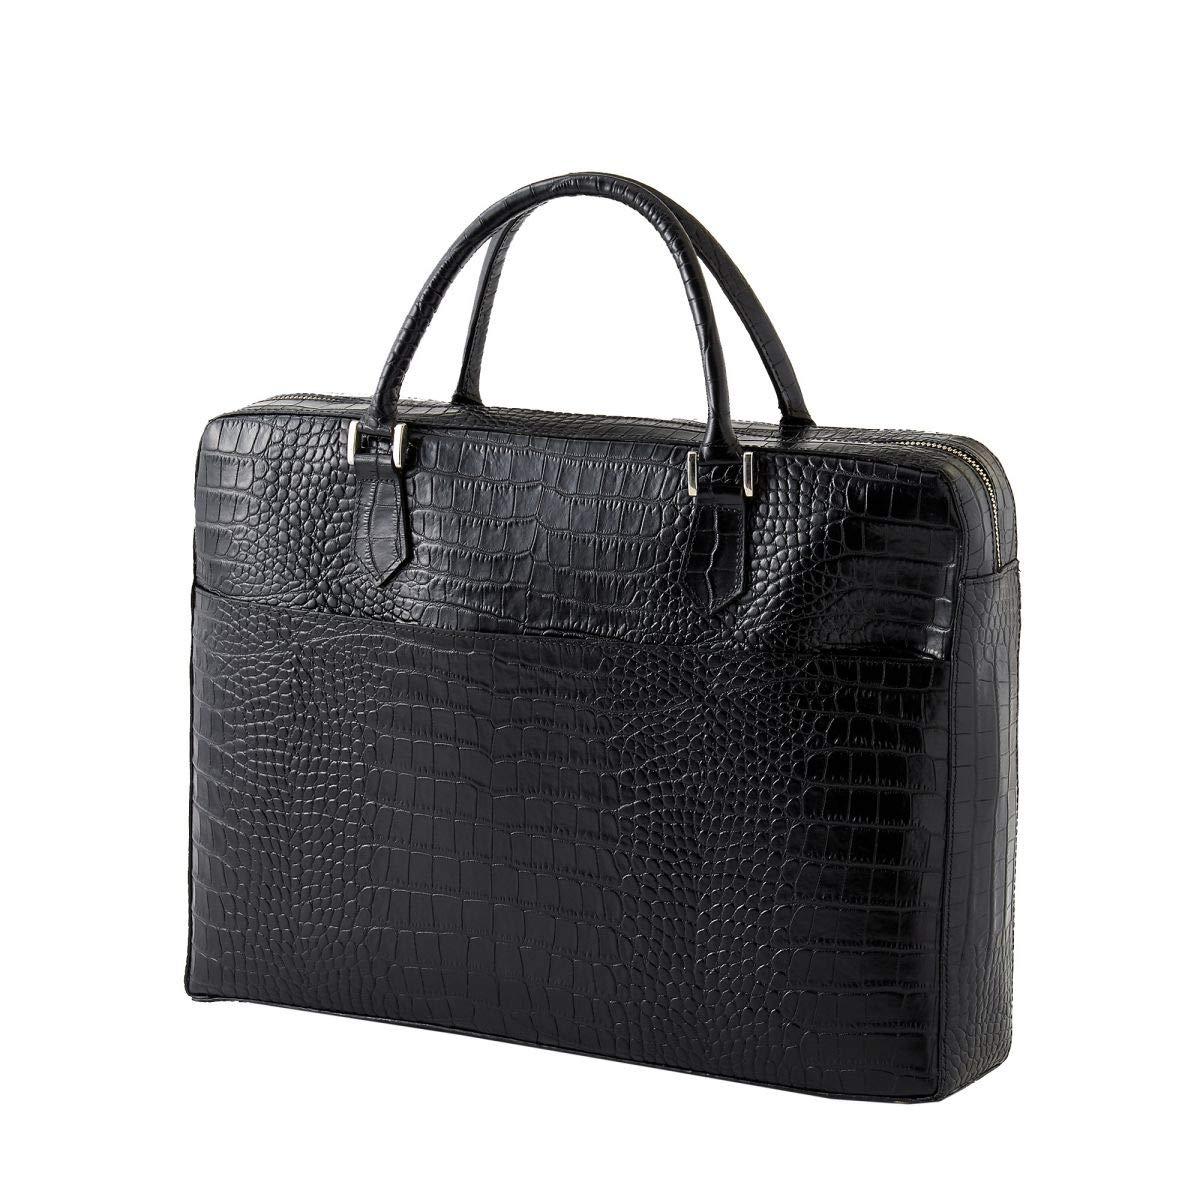 [オジエ] ozie【バッグ鞄かばん】メンズブリーフケースビジネスバッグレザーバッグクロコダイル型押し牛革 ブラック B07R7TH978